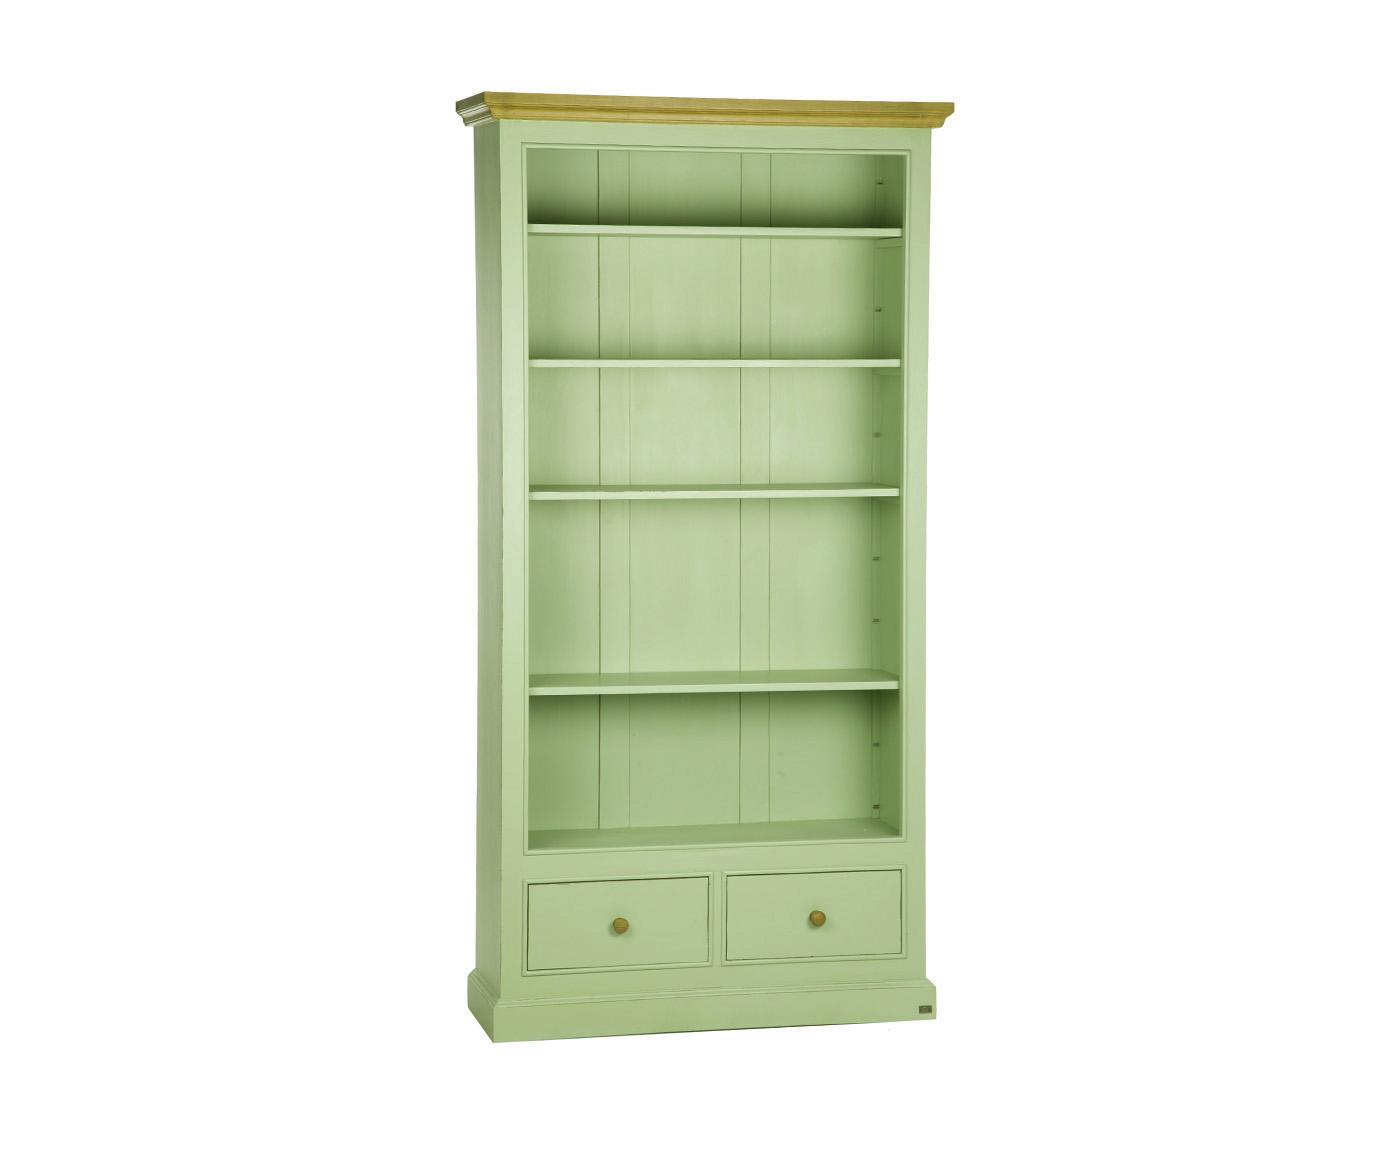 Книжный шкаф-стеллажКнижные шкафы и библиотеки<br>Несомненным преимуществом цветной мебели &amp;quot;Кантри&amp;quot; является ее высокое качество. Коллекция изготовлена в Румынии и выполнена полностью из массива дерева (средиземноморская сосна). Мебель &amp;quot;Кантри&amp;quot; &amp;amp;nbsp;рассчитана на длительное и активное использование.<br>Кроме того, большая часть предметов коллекции  &amp;quot;Кантри&amp;quot; покрыта двумя слоями красок разных цветов и запатинирована. Искусственная состаренность придает мебели особый теплый деревенский шарм.&amp;lt;div&amp;gt;&amp;lt;br&amp;gt;&amp;lt;/div&amp;gt;&amp;lt;div&amp;gt;Книжный шкаф-стеллаж на 4 полки с 2 ящиками, ручки - античное покрытие.&amp;lt;/div&amp;gt;<br><br>Material: Сосна<br>Length см: 0<br>Width см: 108<br>Depth см: 38<br>Height см: 211<br>Diameter см: 0